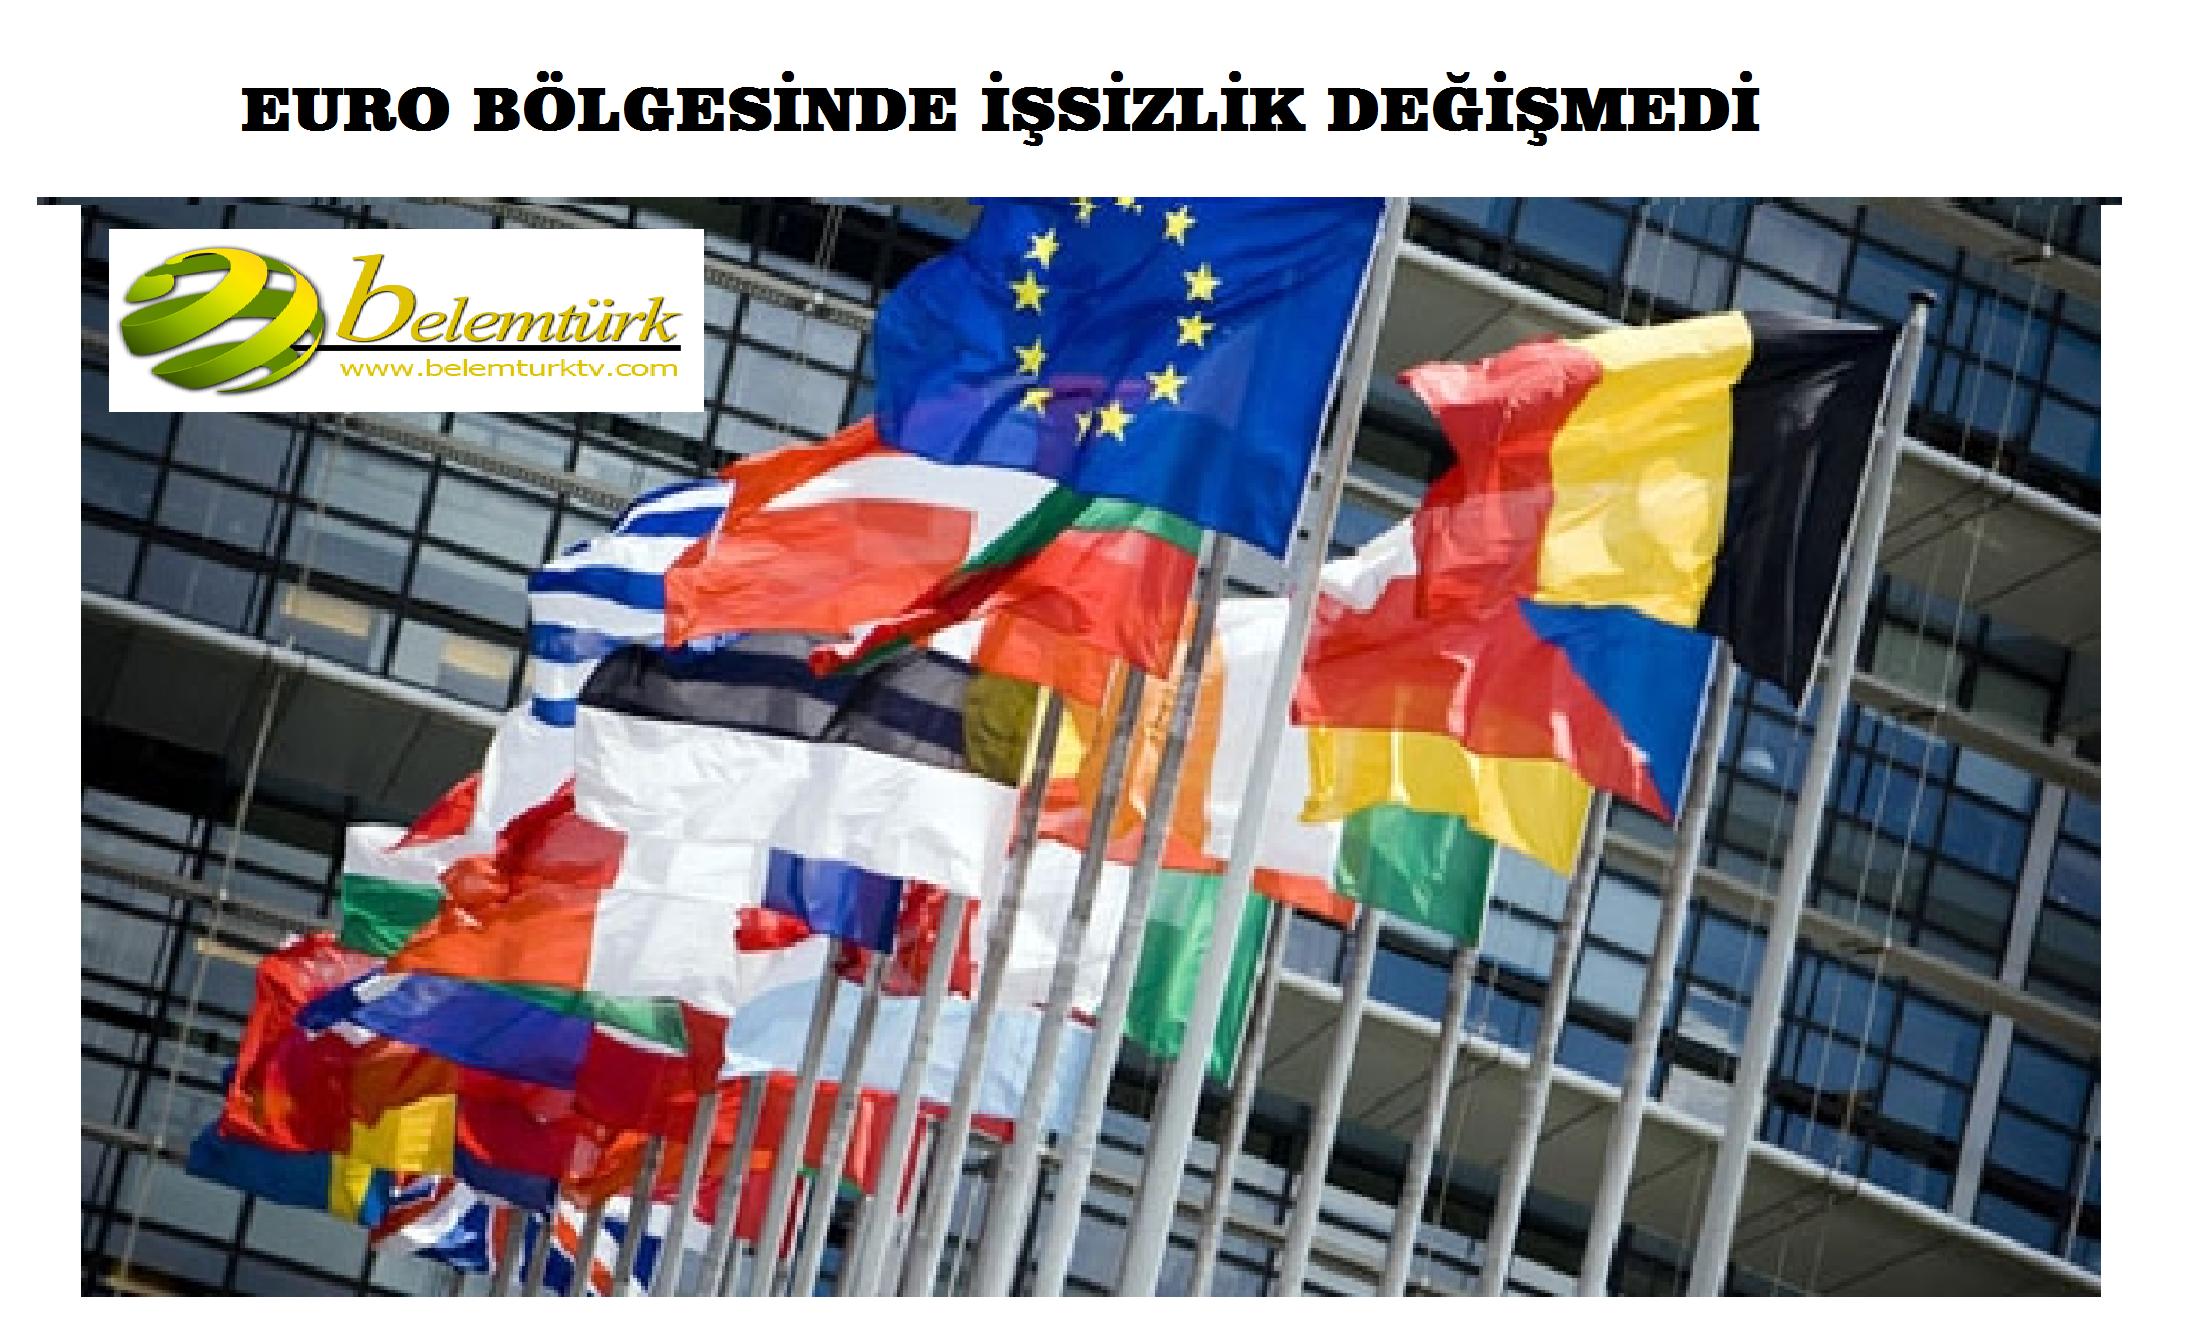 EURO BÖLGESİNDE İŞSİZLİK DEĞİŞMEDİ